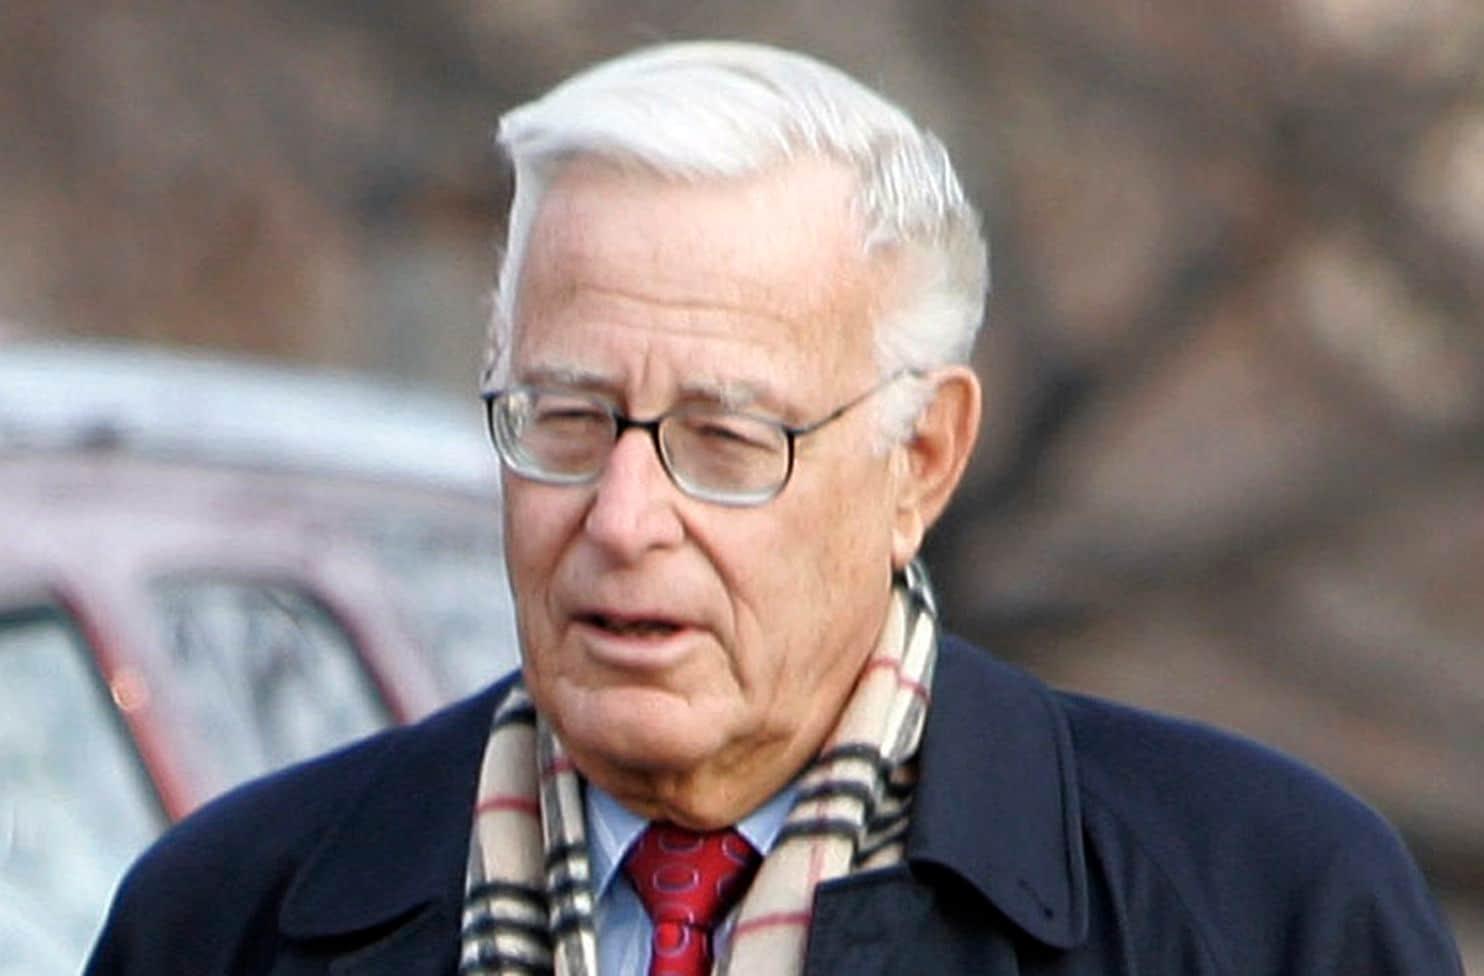 وفاة وزير الدفاع الأمريكي الأسبق هارولد براون عن 91 عاما